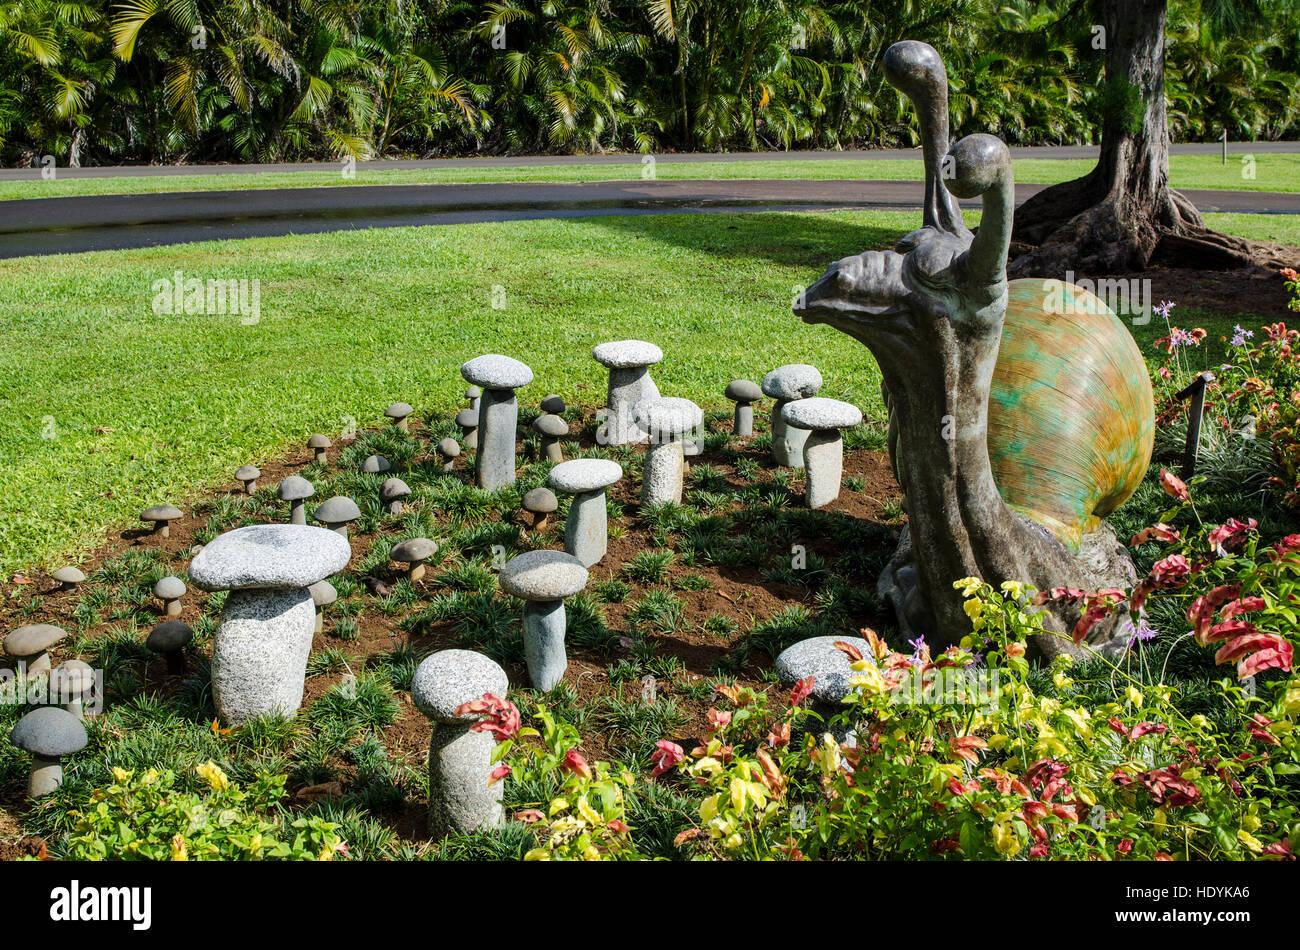 Sculptures In Na `Aina Kai Botanical Gardens U0026 Sculpture Park, Kauai, Hawaii